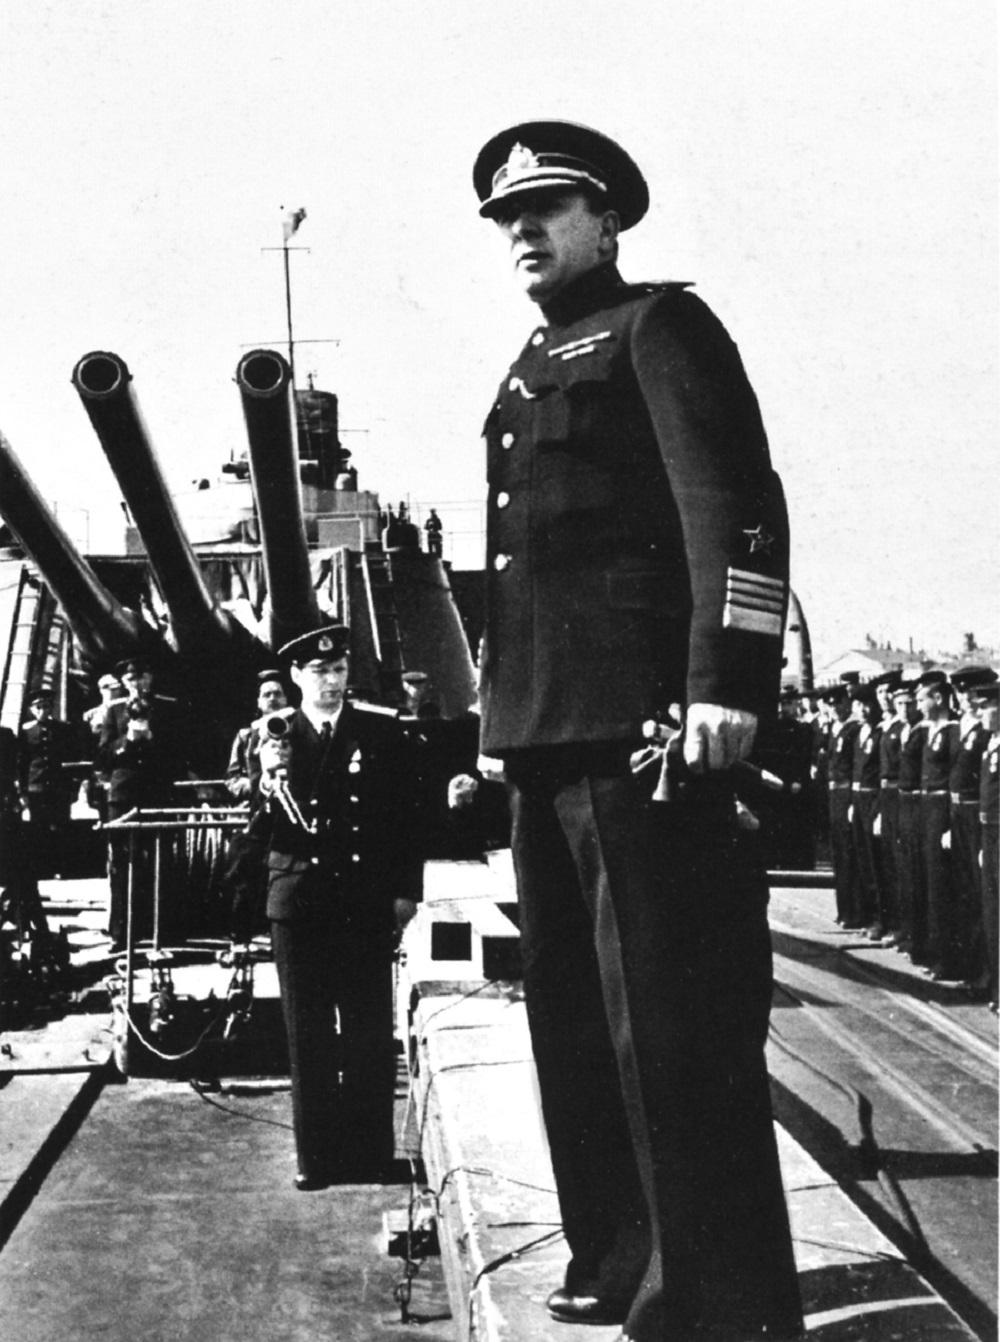 Адмирал В.Ф. Трибуц стоит на палубе крейсера «Максим Горький» во время награждения орденом Красного Знамени.jpg